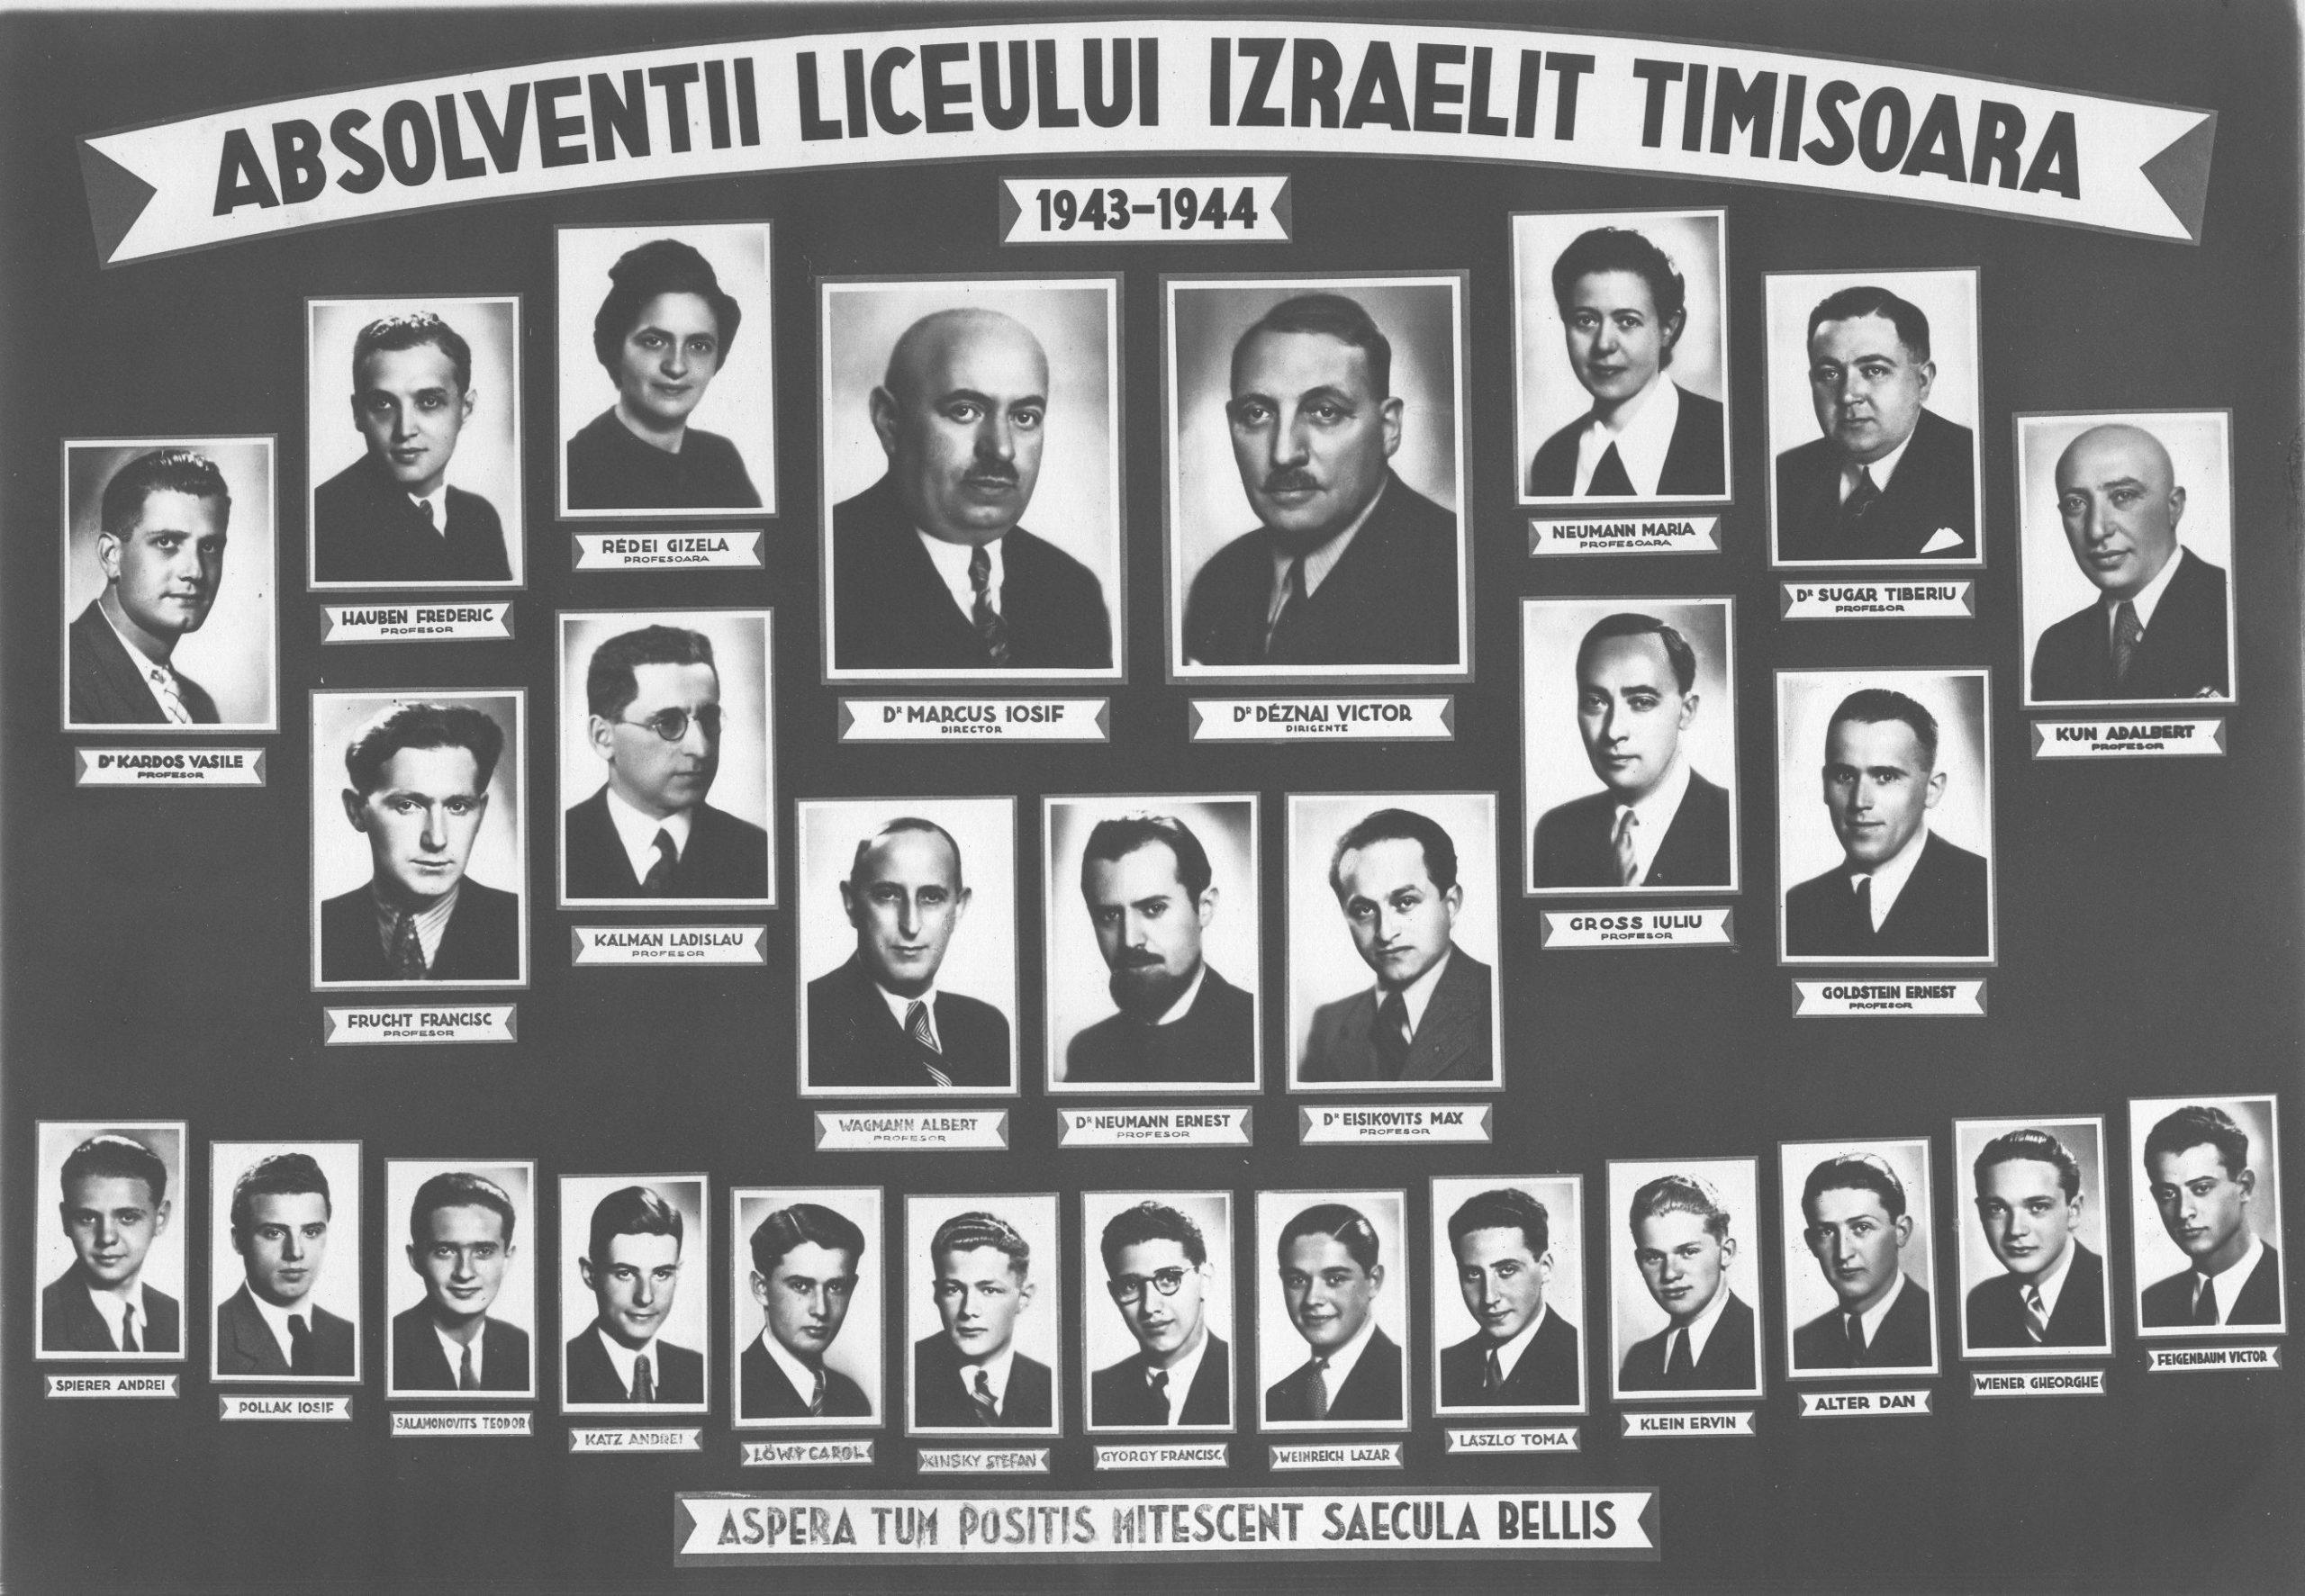 50 de ani de la bacalaureatul absolvenţilor Liceului Israelit din Timişoara seria 1936-1944